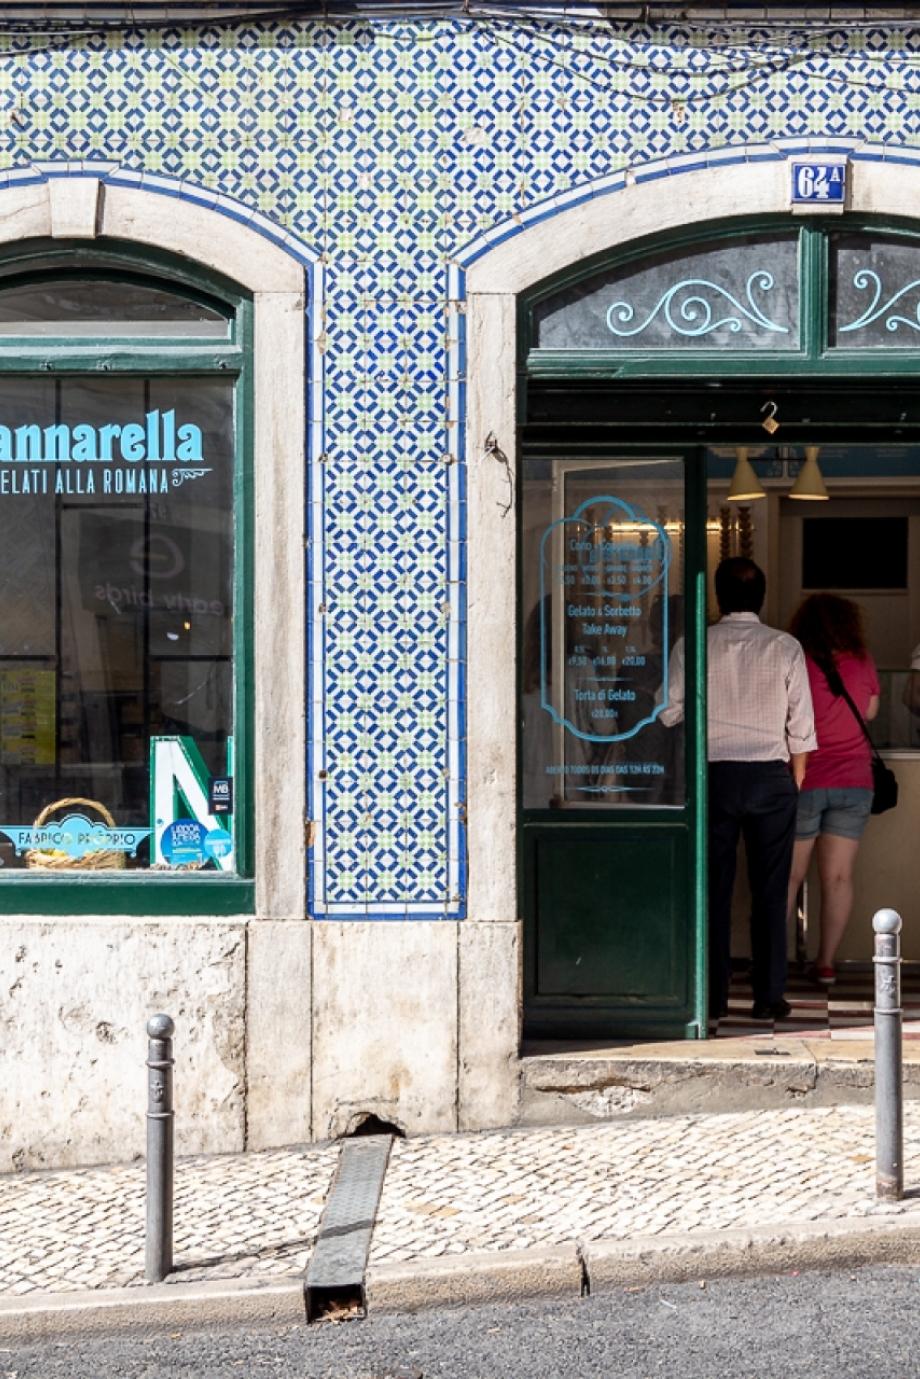 LC_Blog_Gelataria Nannarella